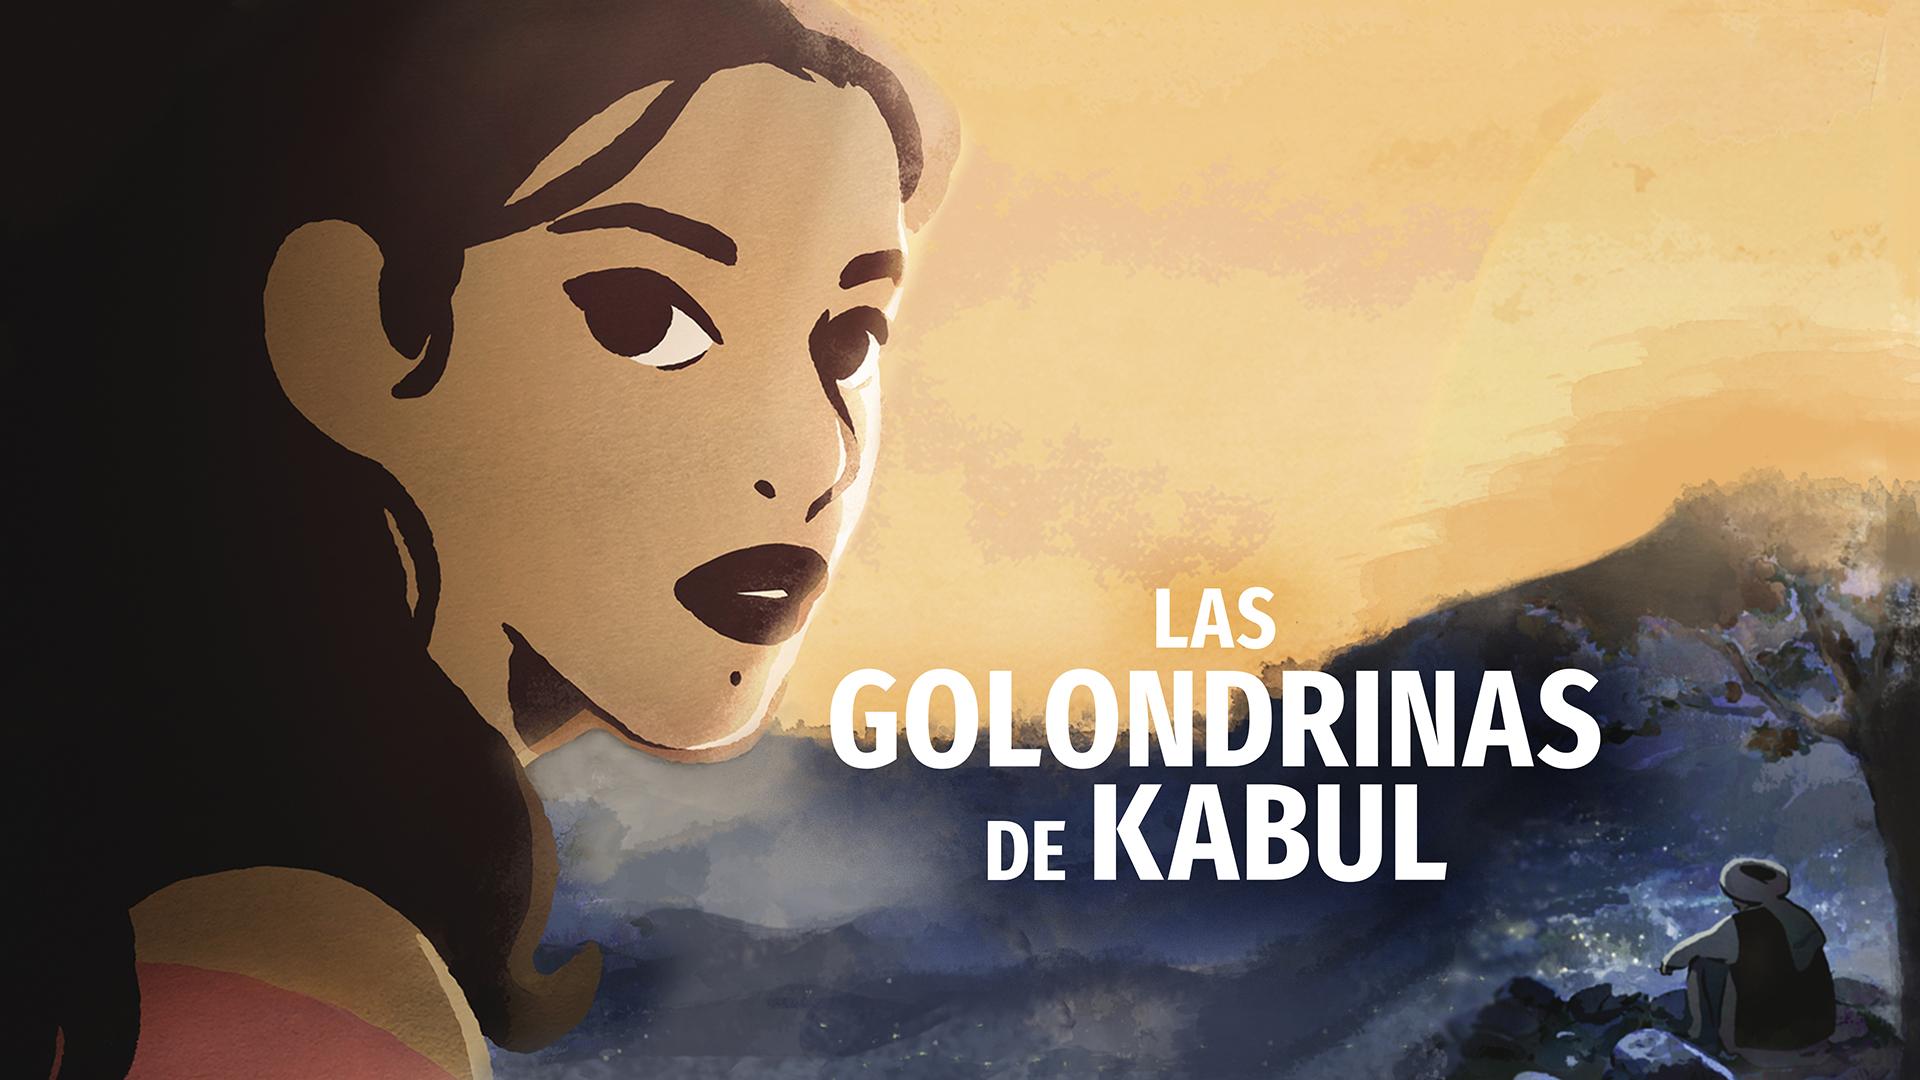 LAS GOLONDRINAS DE KABUL / MIÉRCOLES 20 Y JUEVES 21 DE OCTUBRE / 18 Y 20.30 H / TEATRO SALÓN CERVANTES